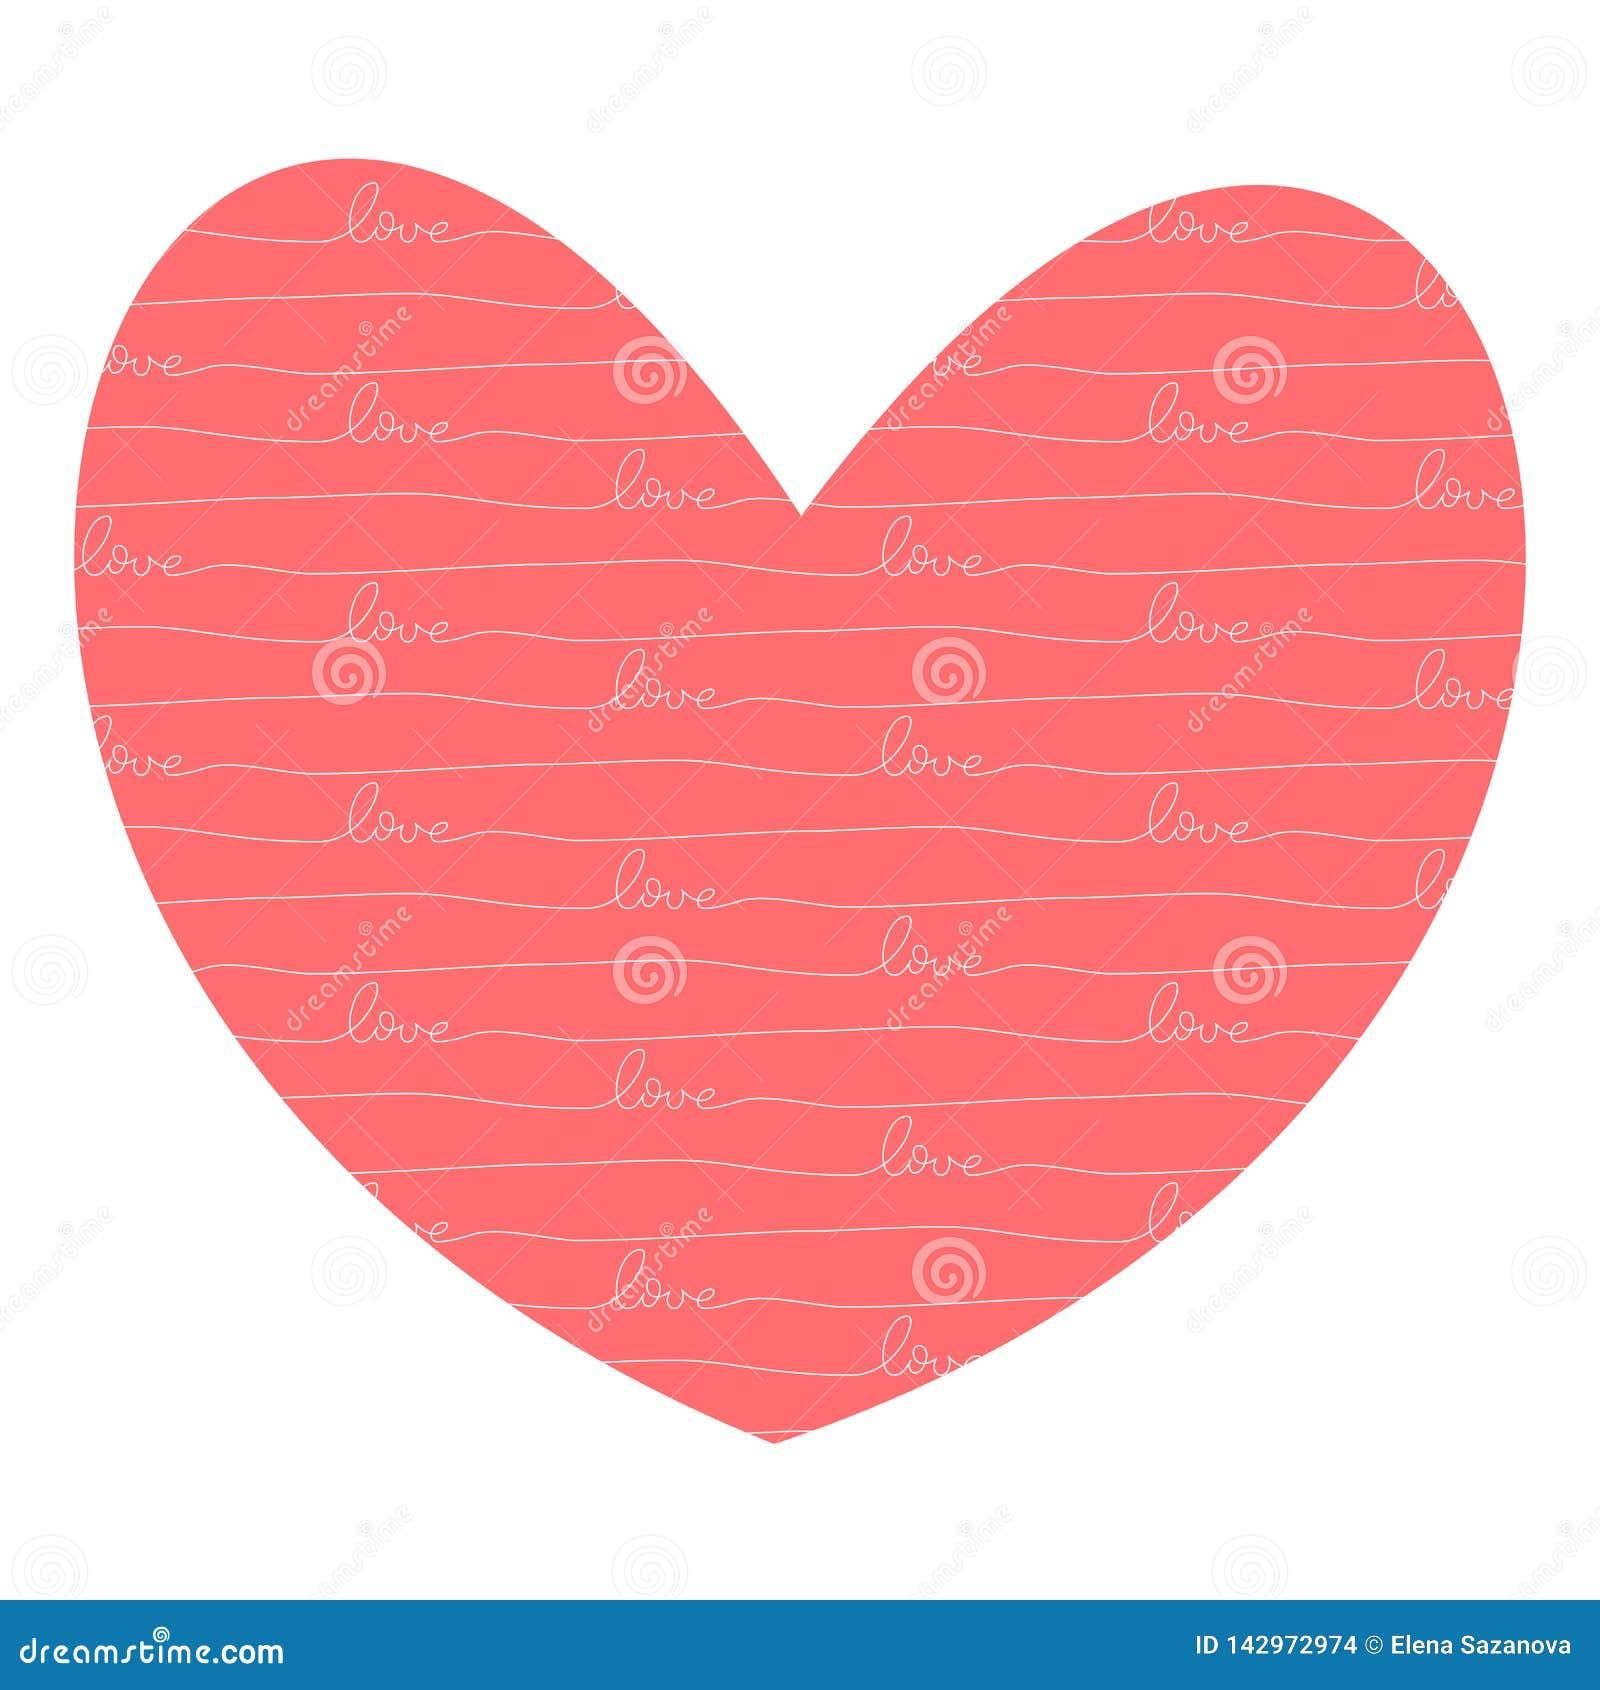 Hart met binnen liefde